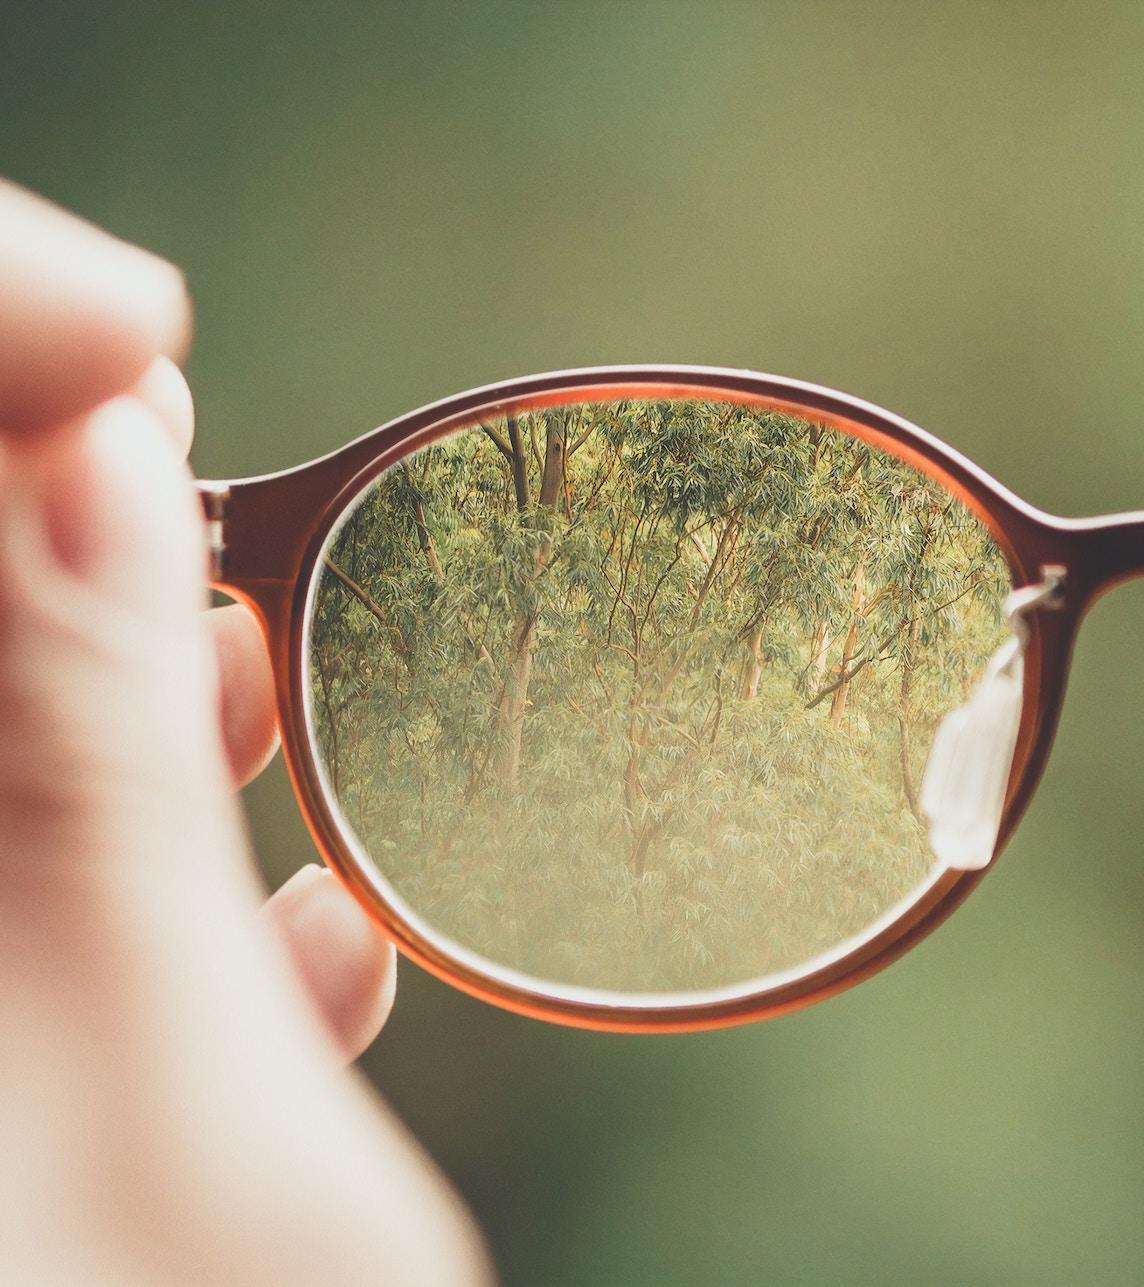 450e3e097 O teu especialista irá prescrever as lentes adequadas para compensar a tua  miopia, uma vez que os óculos são a opção mais simples e segura para  fazê-lo.